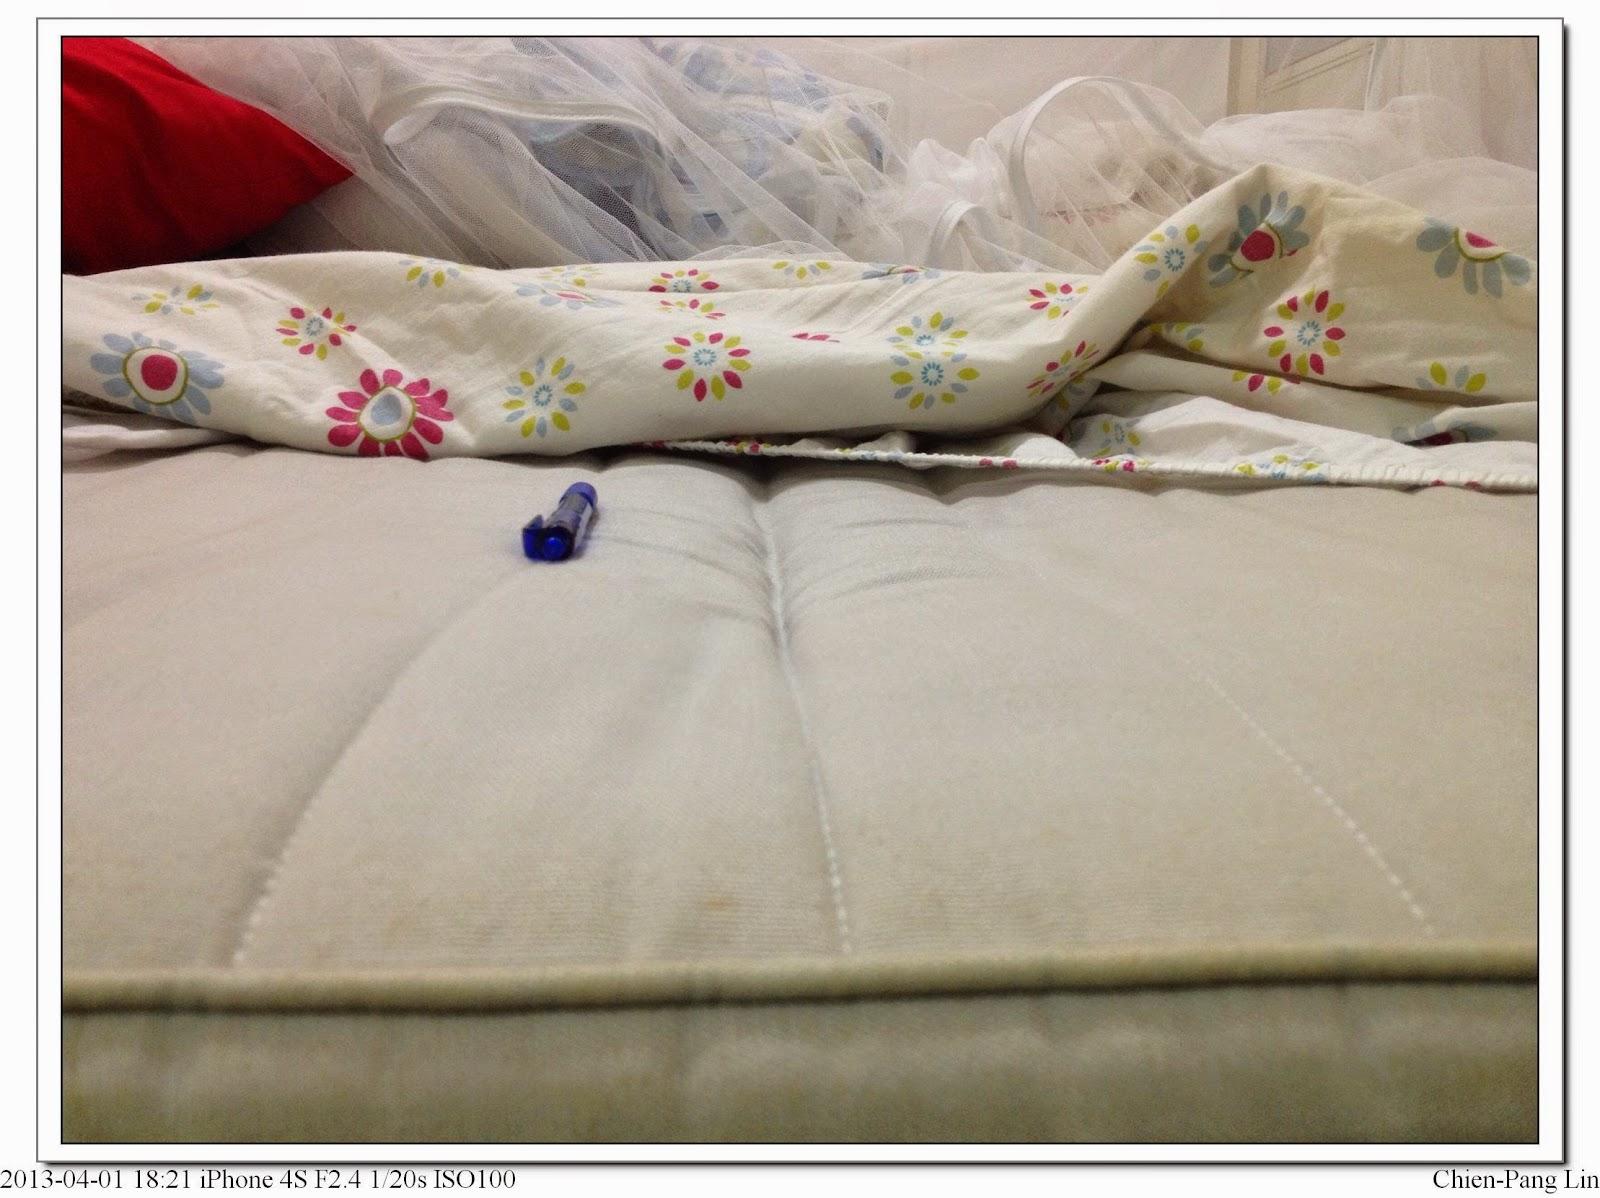 湯尼邦的部落格: IKEA 25年保固床墊退換貨過程心得(花時間還多貼一倍的錢)